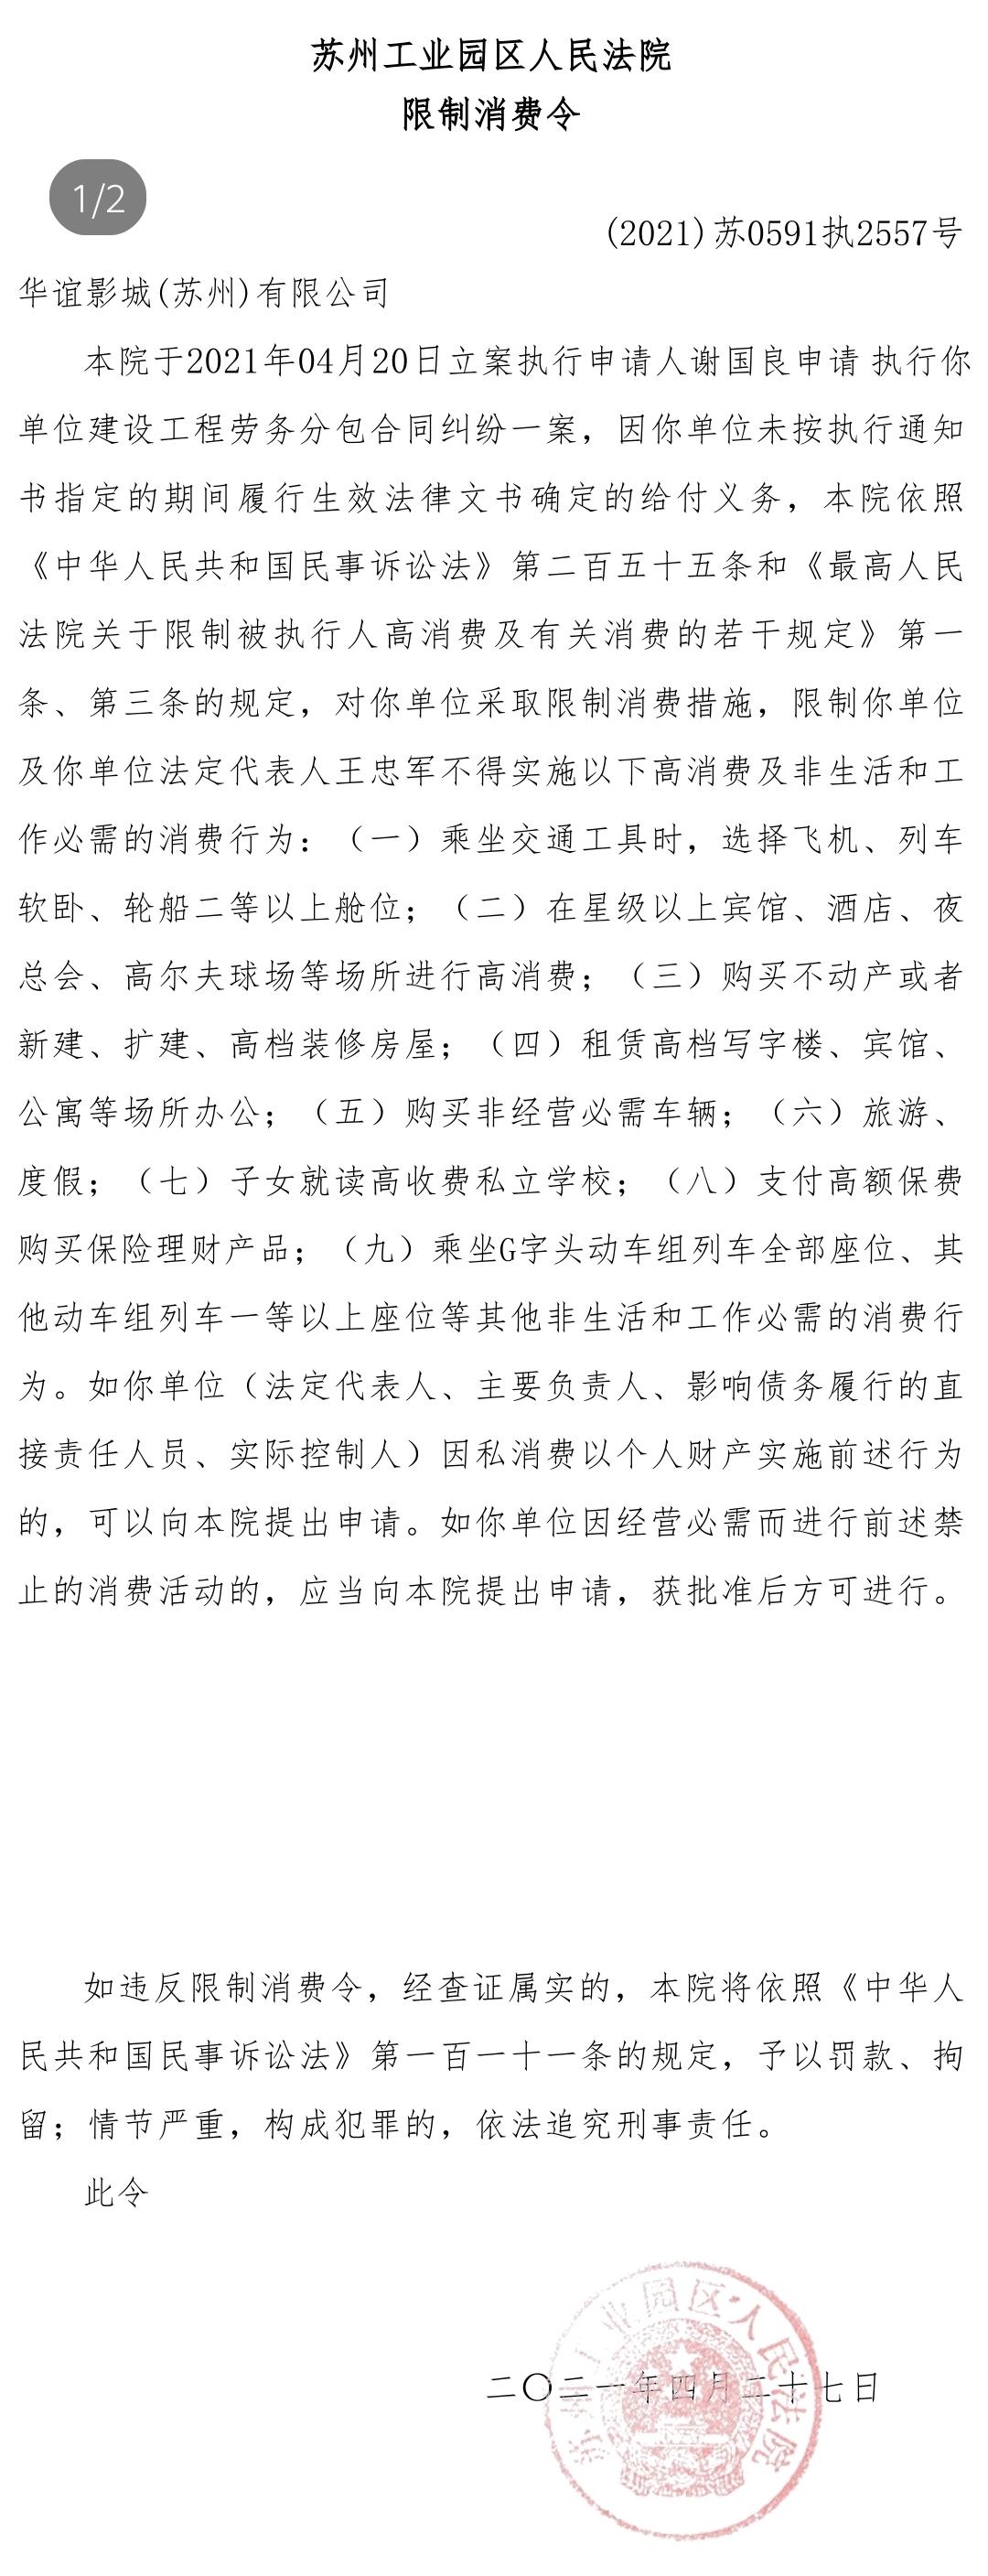 华谊王忠军被限制高消费